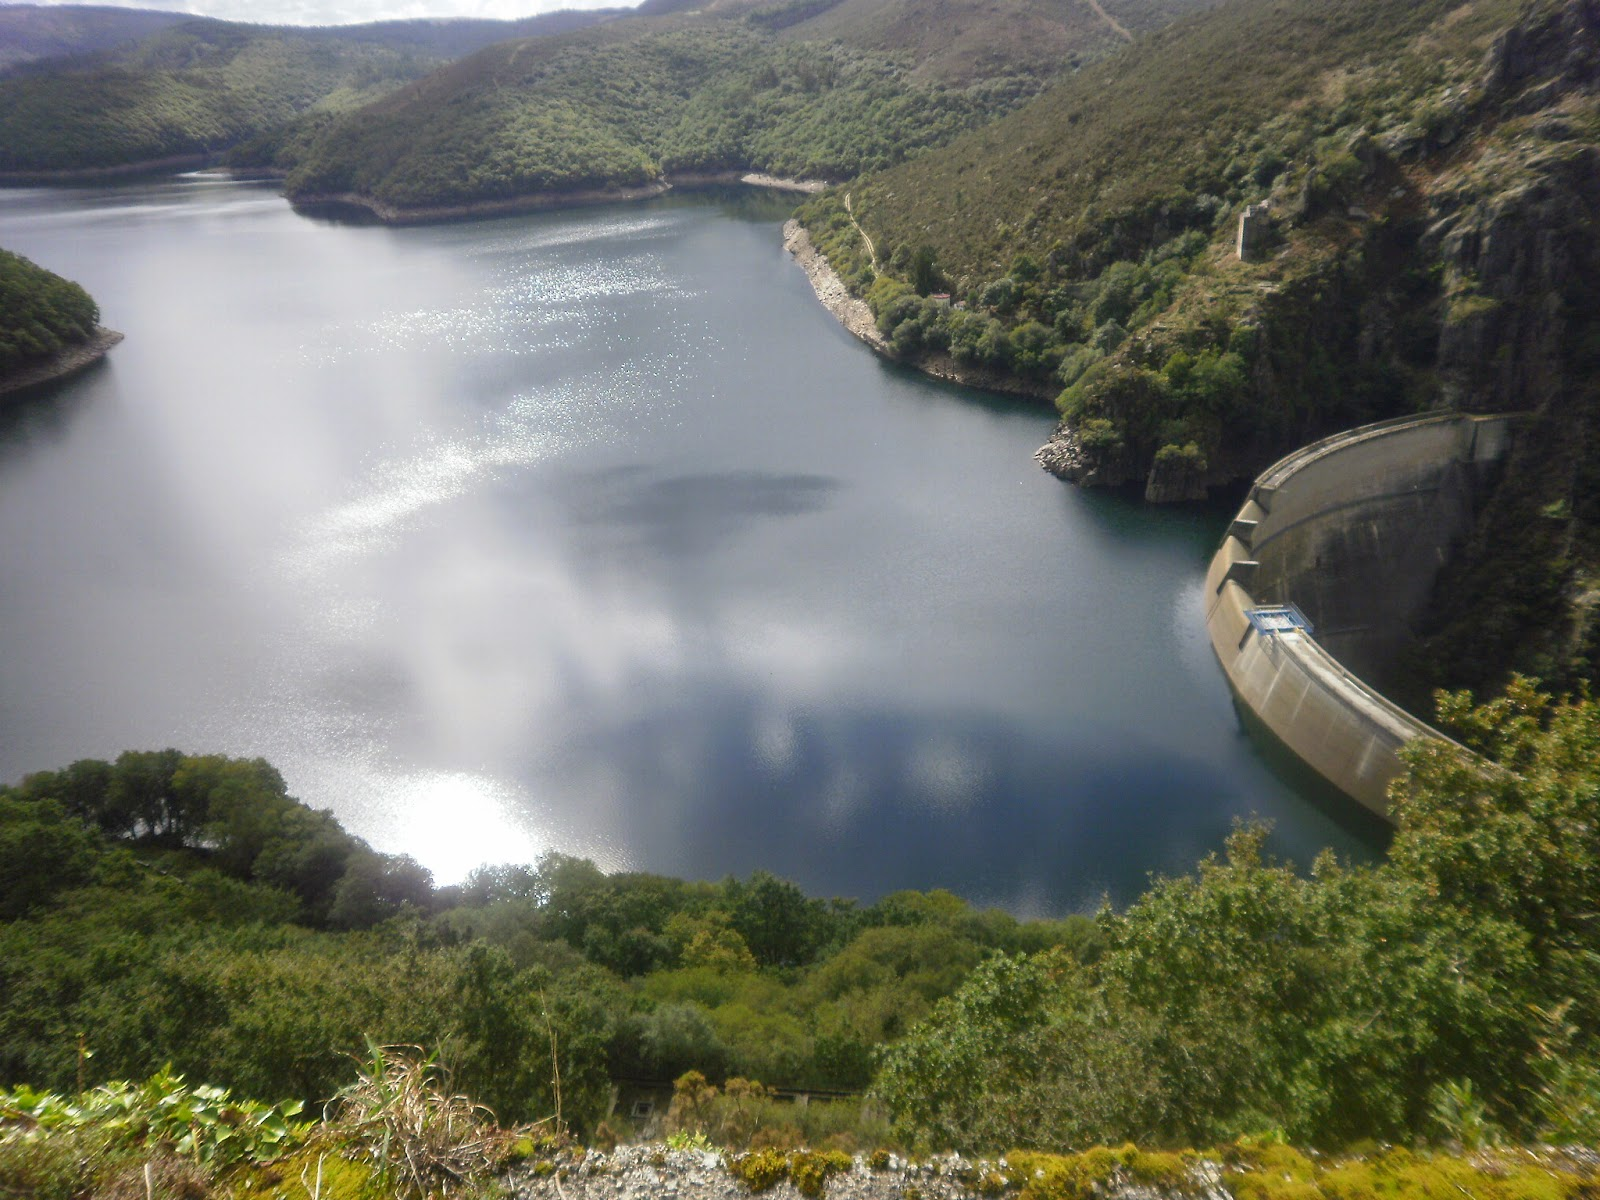 Embalse del Eume en As Pontes de García Rodríguez